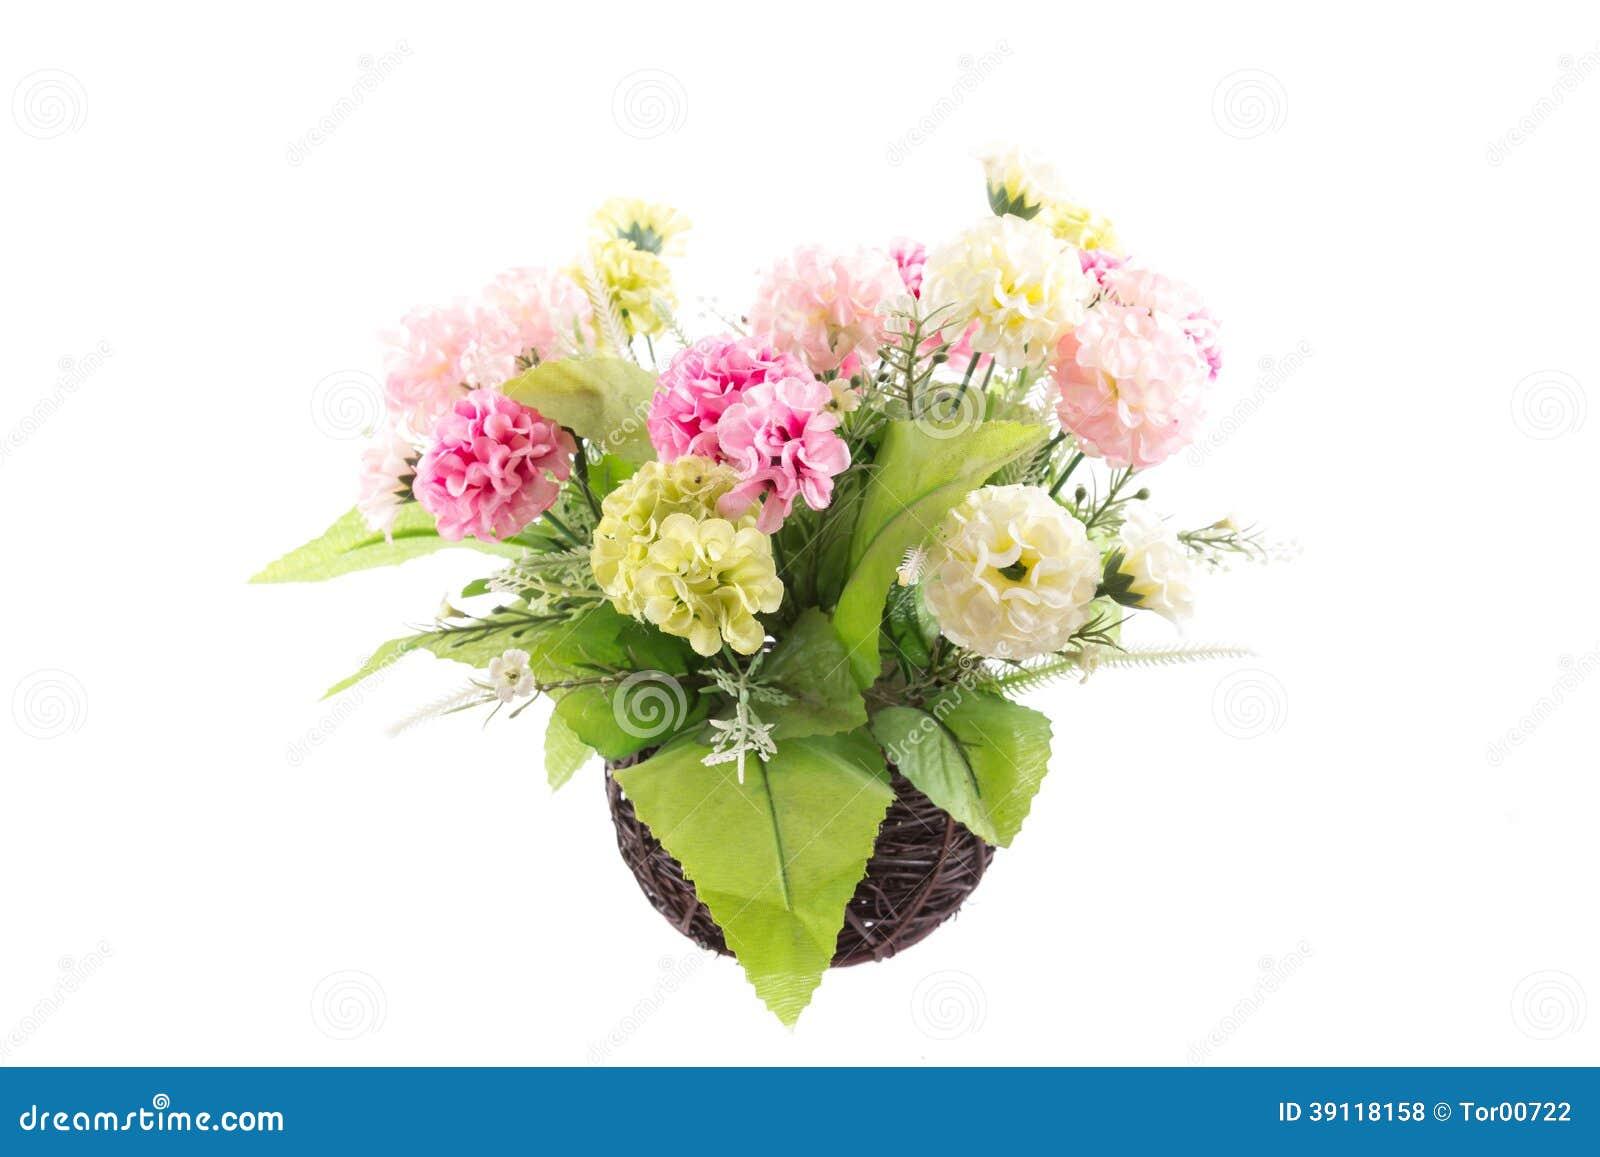 Geïsoleerd beeld van de valse bloem met vaas op witte achtergrond